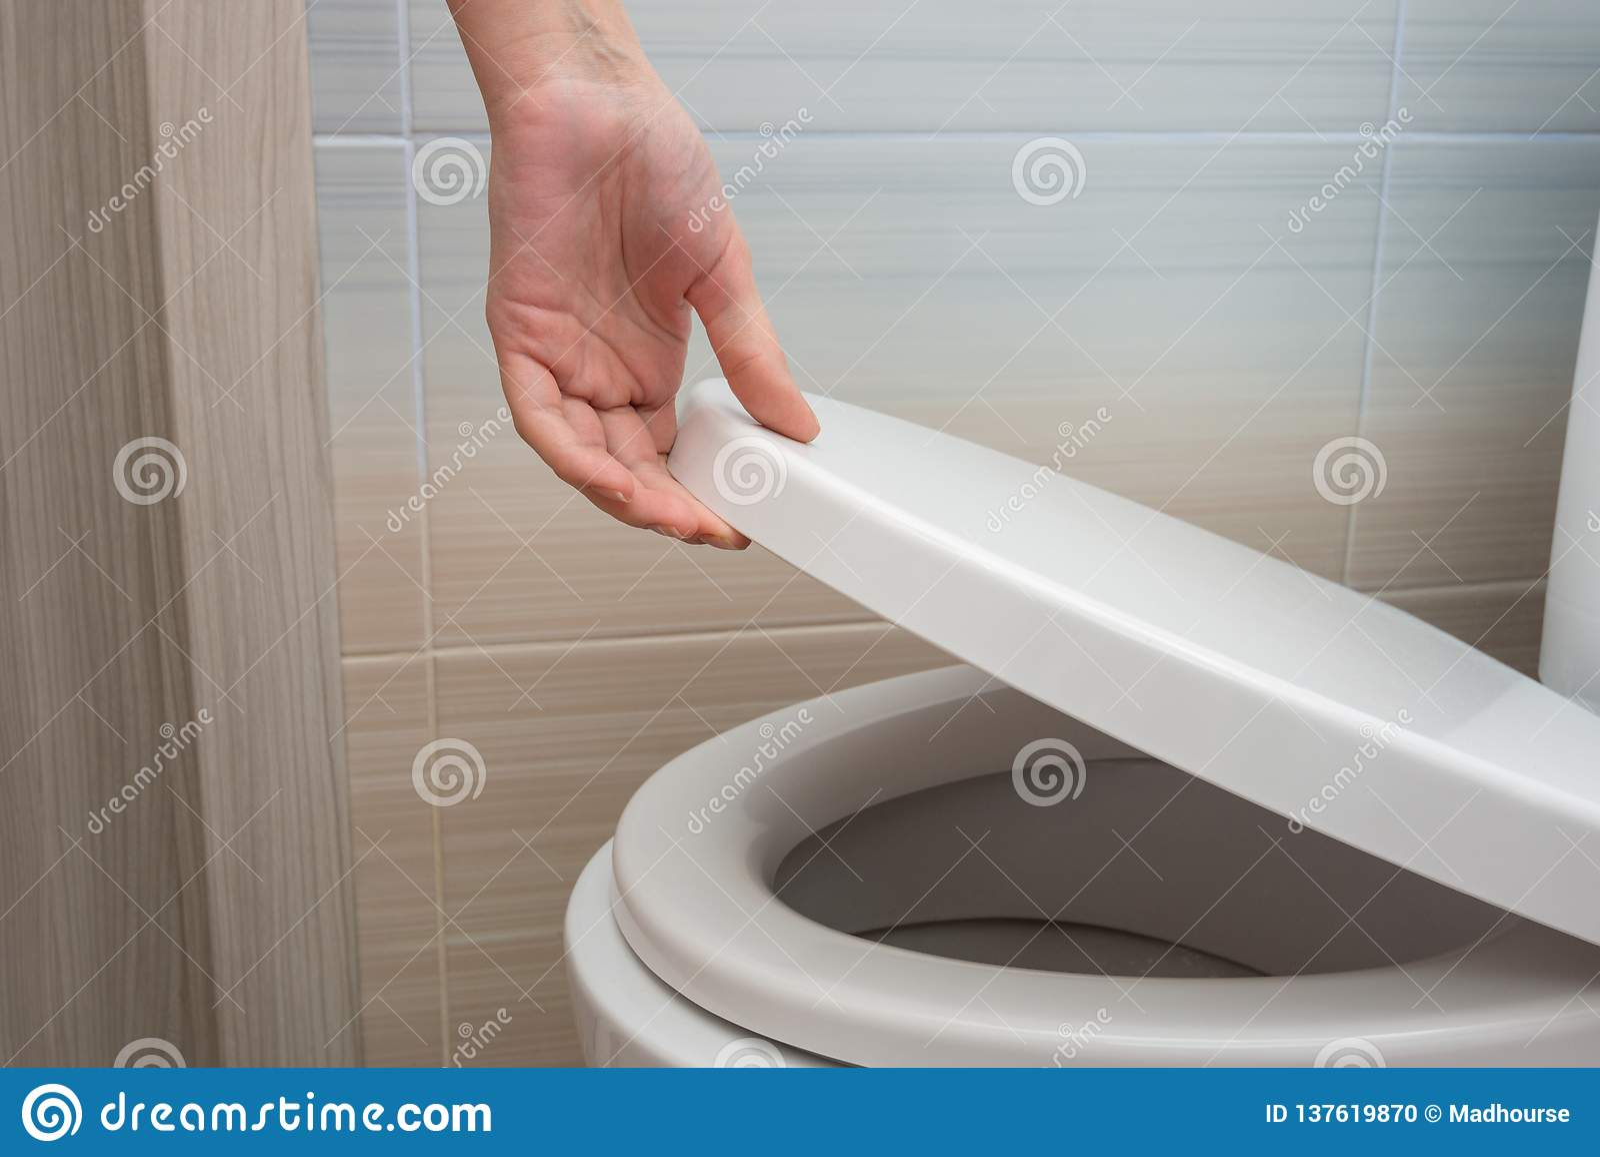 A mão fecha ou abre a tampa do toalete